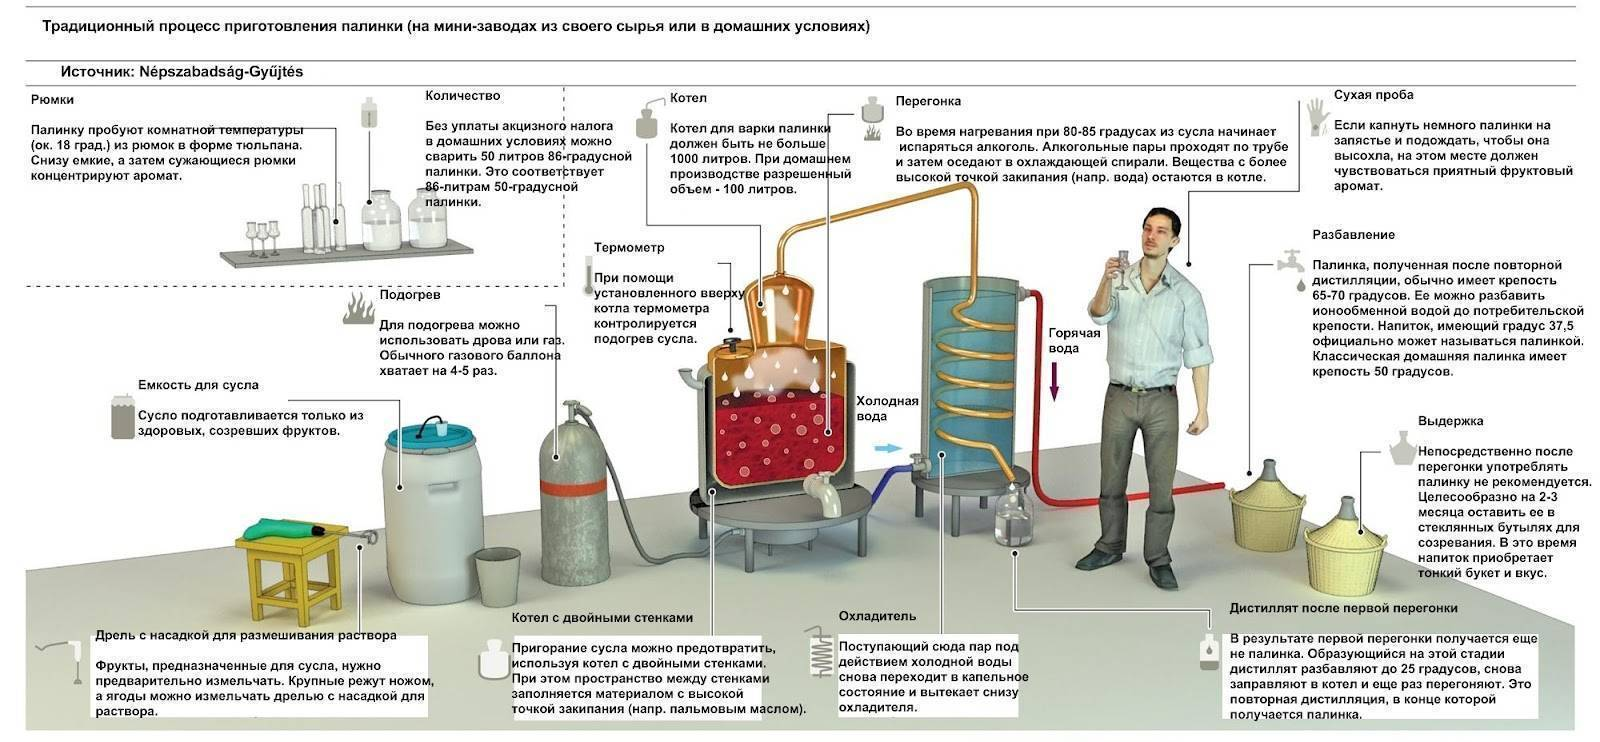 Правильные условия и важные правила для качественной браги на самогон | про самогон и другие напитки ? | яндекс дзен